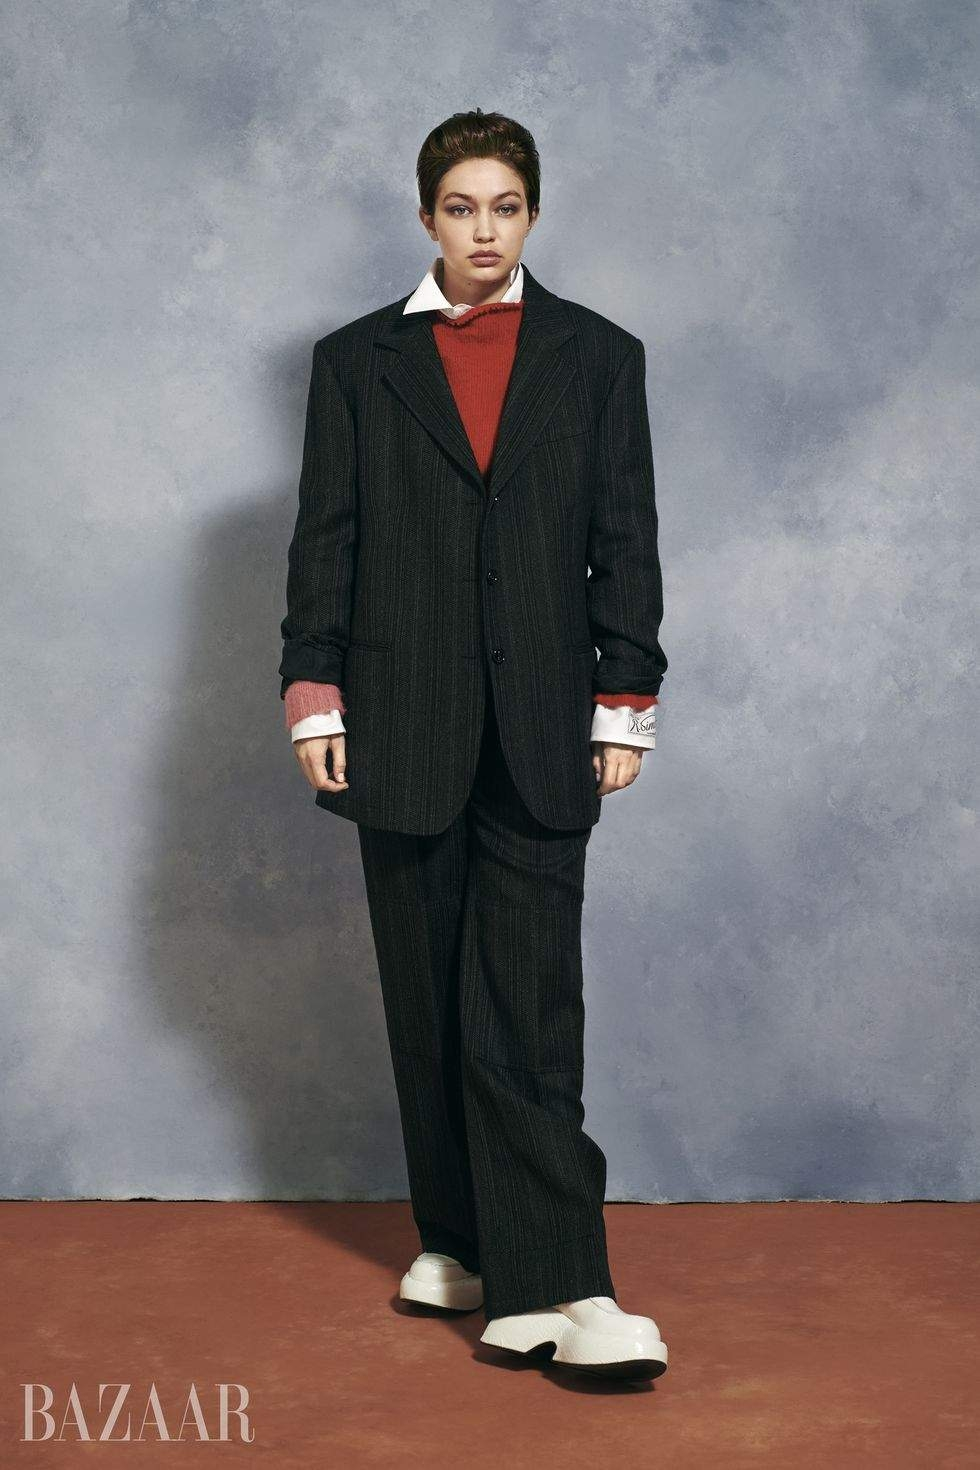 Без макияжа и в мужских образах: Джиджи Хадид снялась в необычной фотосессии для глянца - фото №4